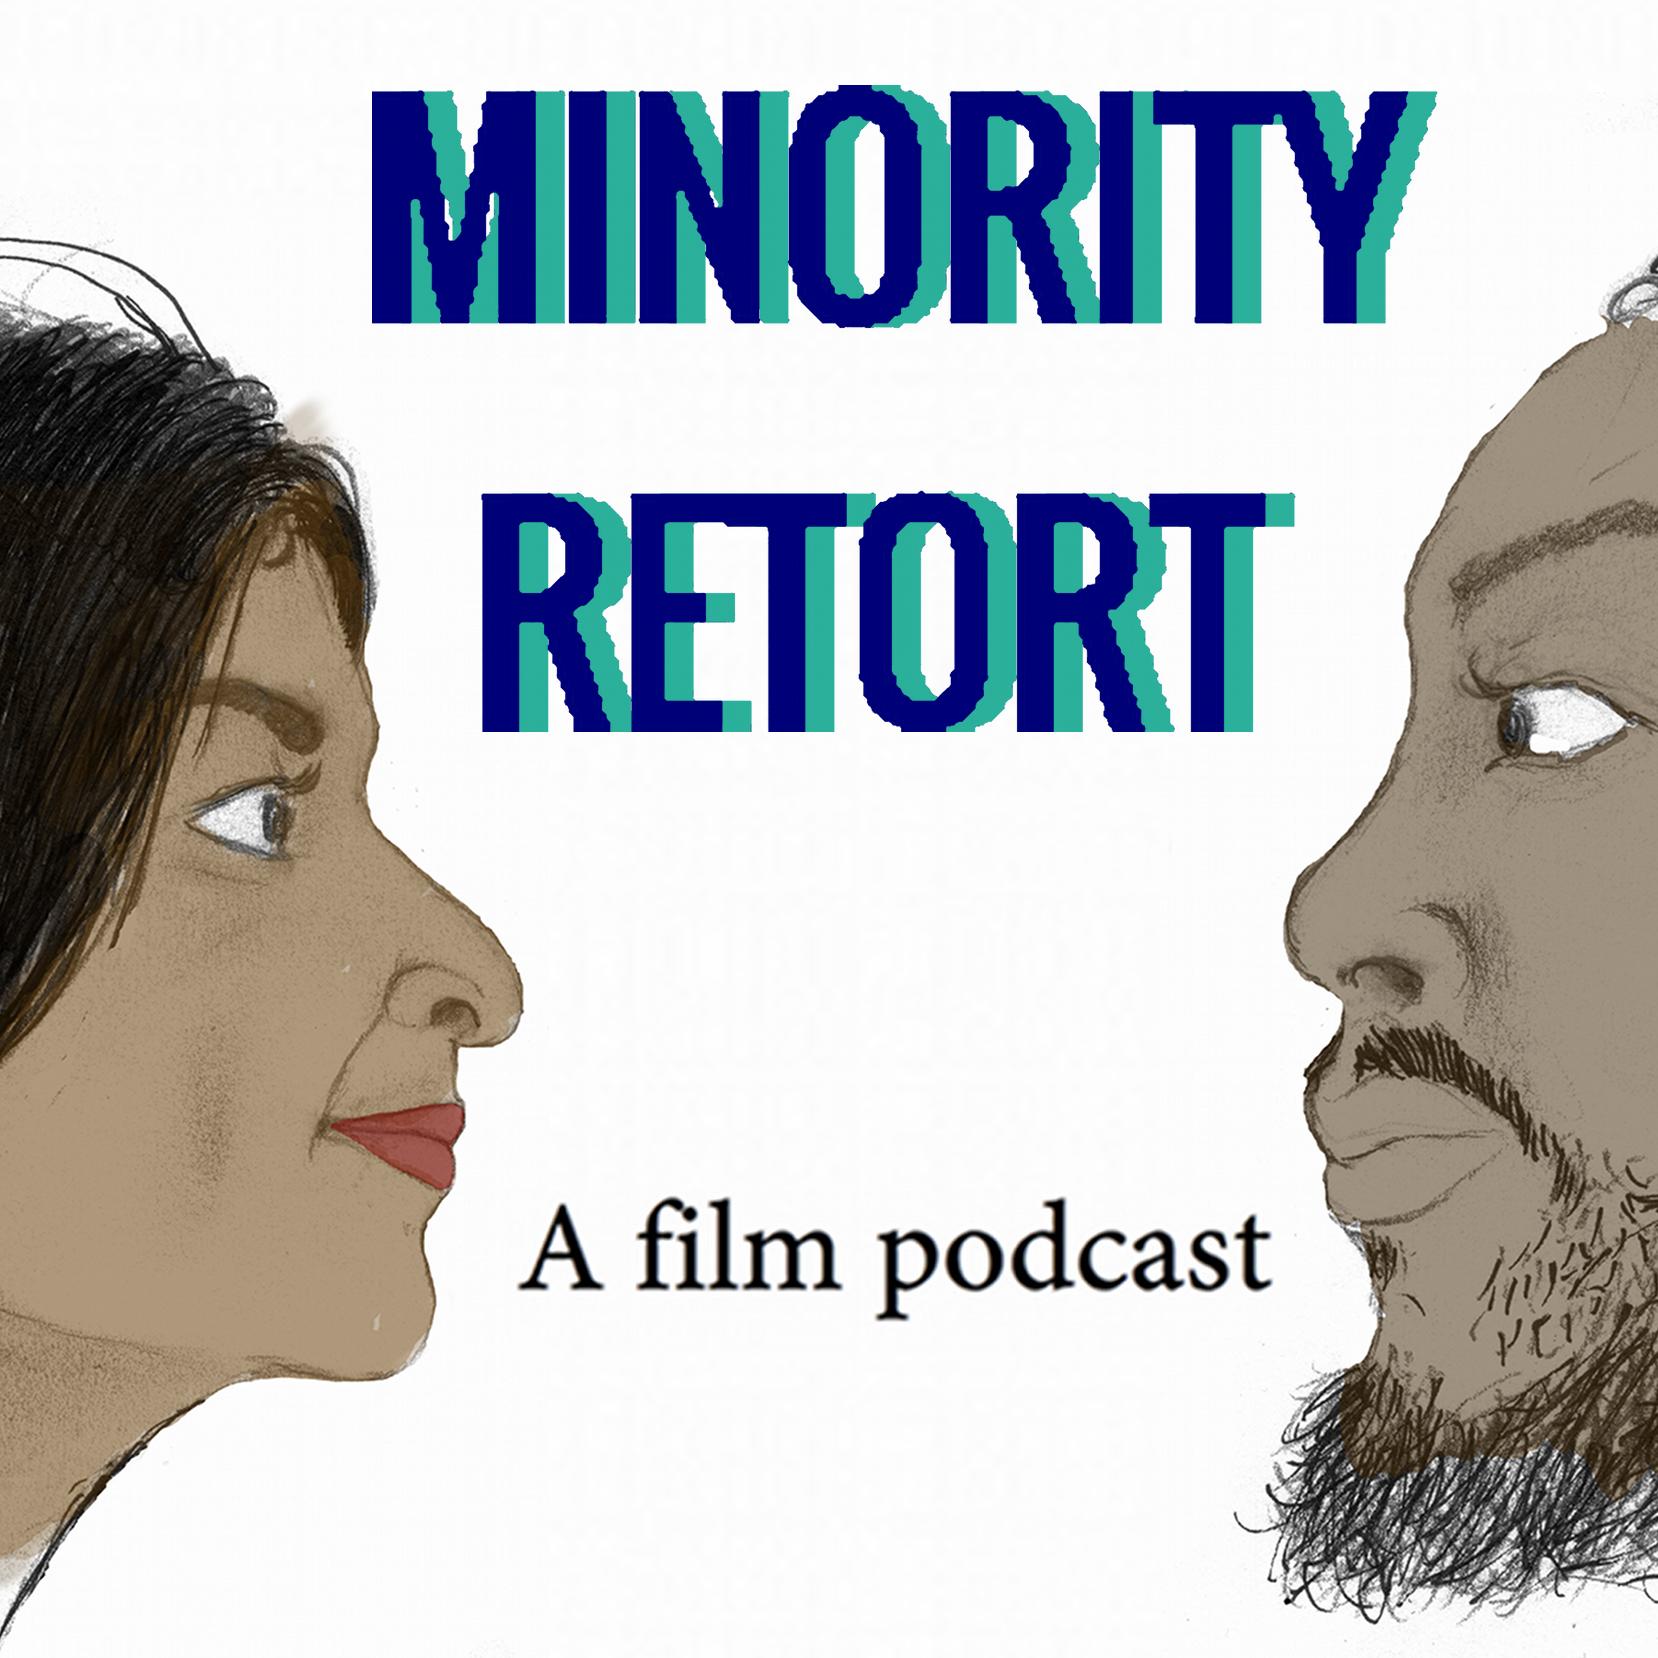 Minority Retort Podcast